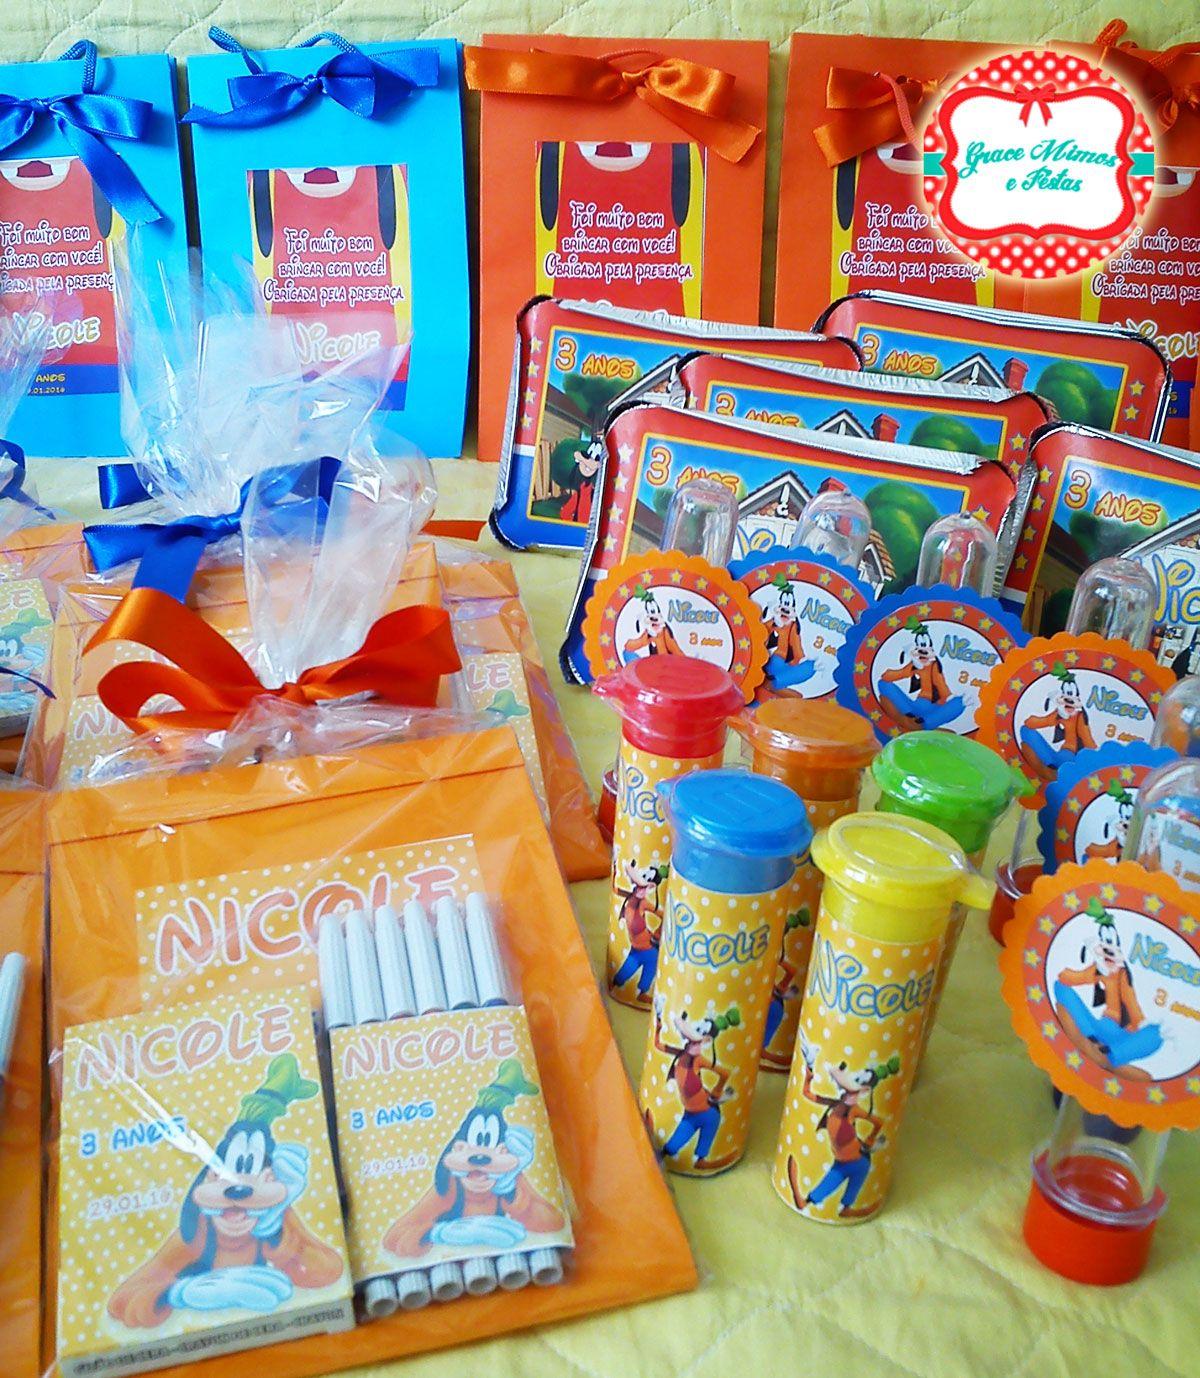 Lembrancinhas personalizadas com tema Pateta/Disney. Fazemos no tema de sua festa infantil! Encomende a sua! Seu filho vai amar!